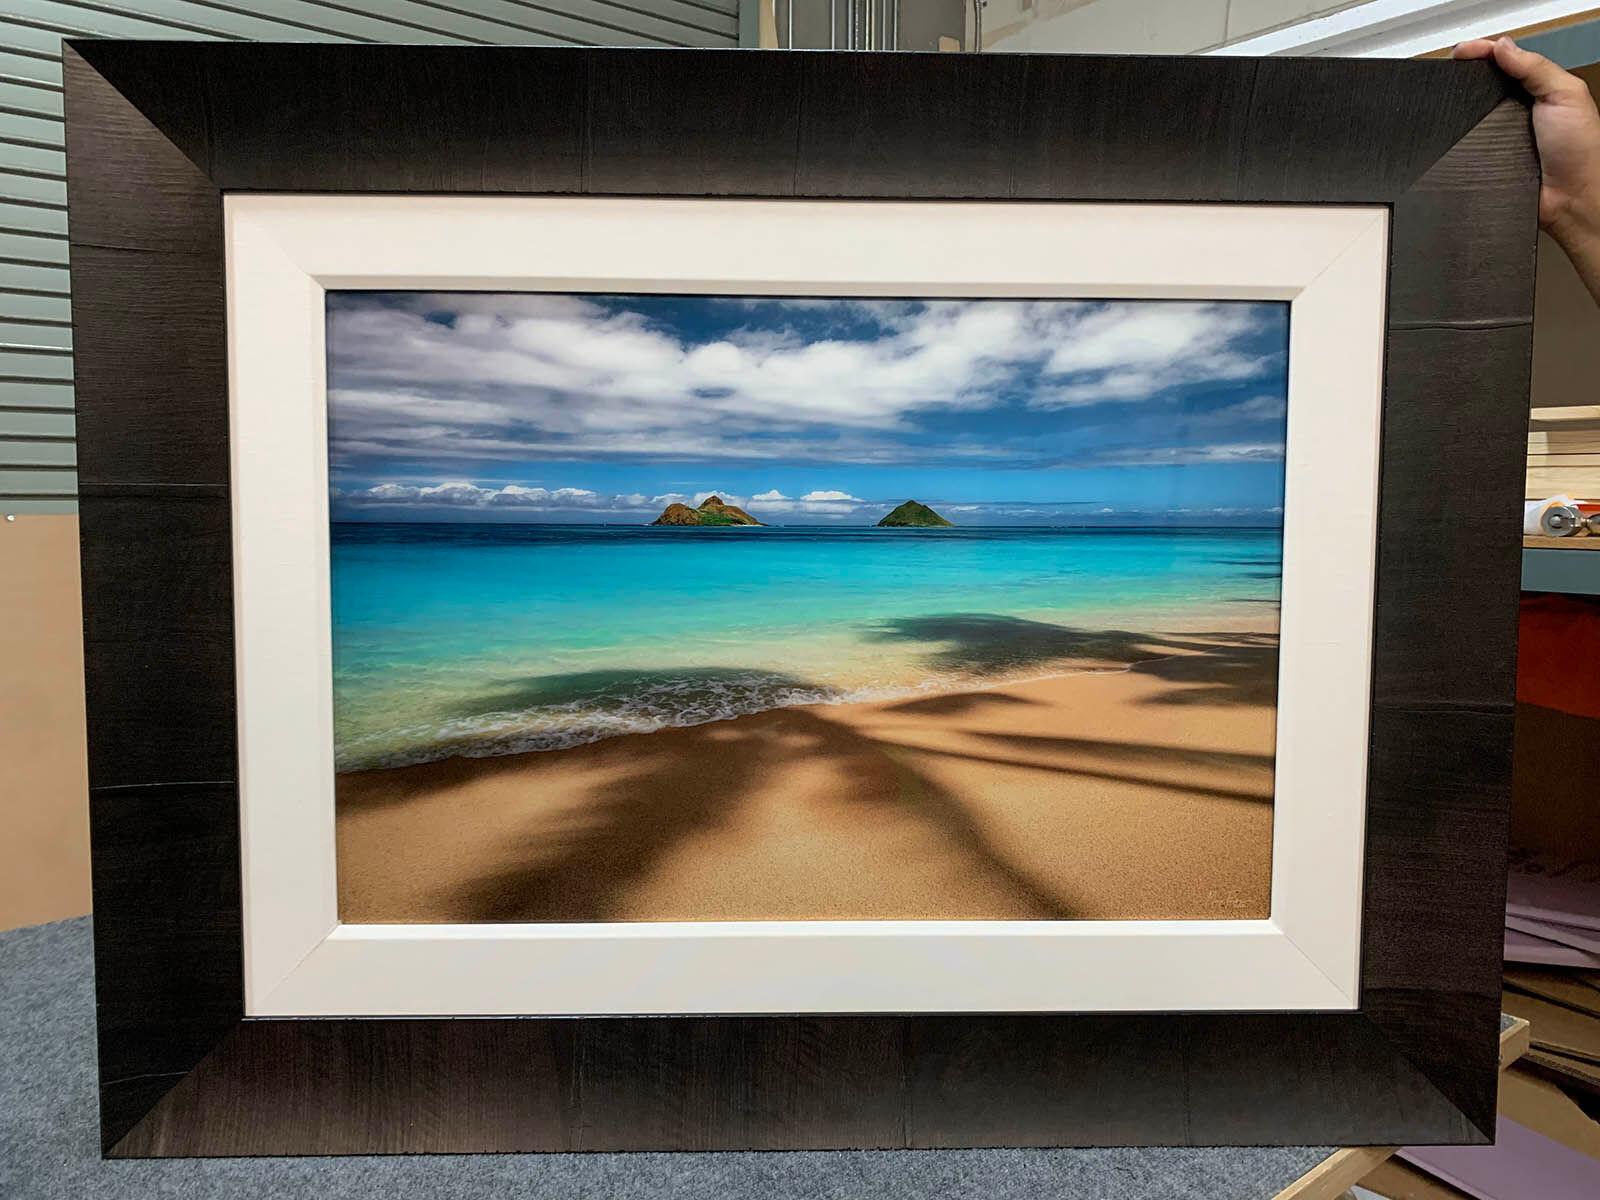 A Gallery Ultra+ Lumachrome TruLife Acrylic Framed Print